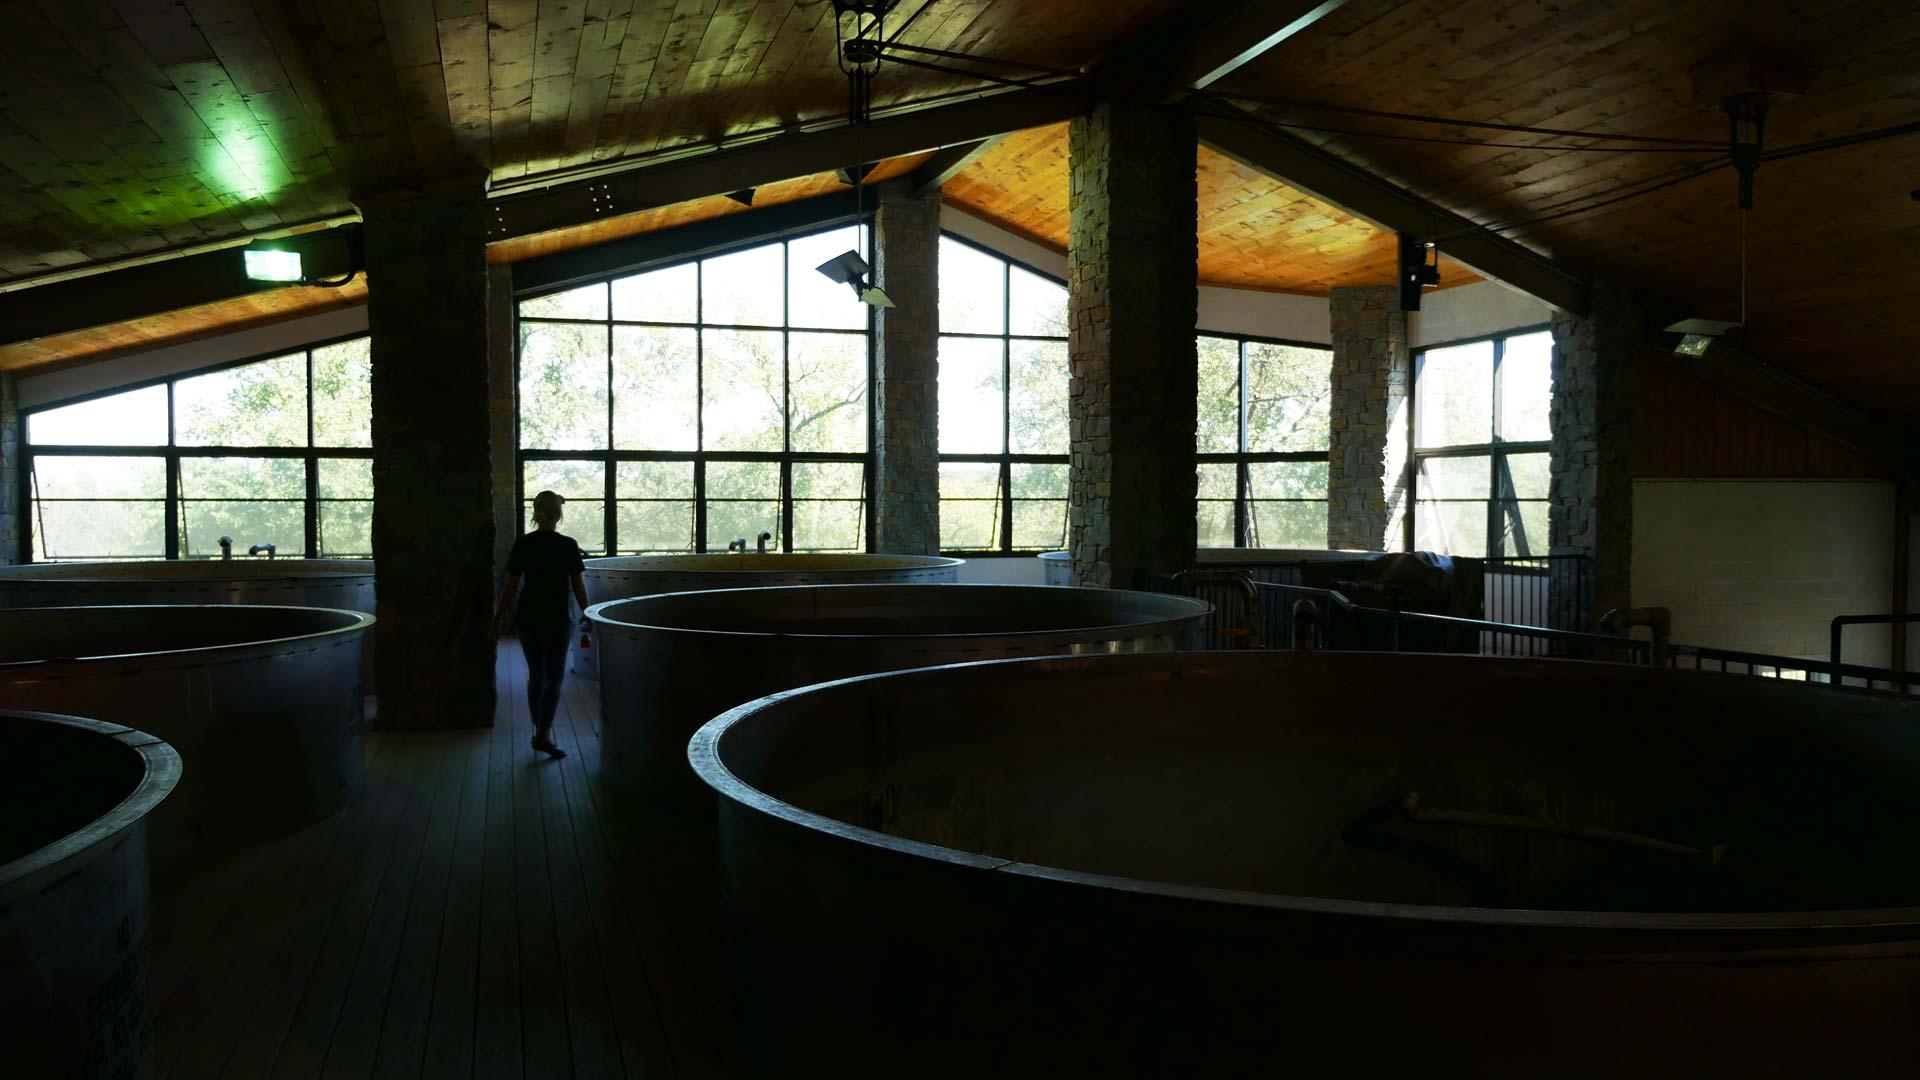 Mash Tuns bei der Willet Distillery in Kentucky. (Foto: Malt Whisky)